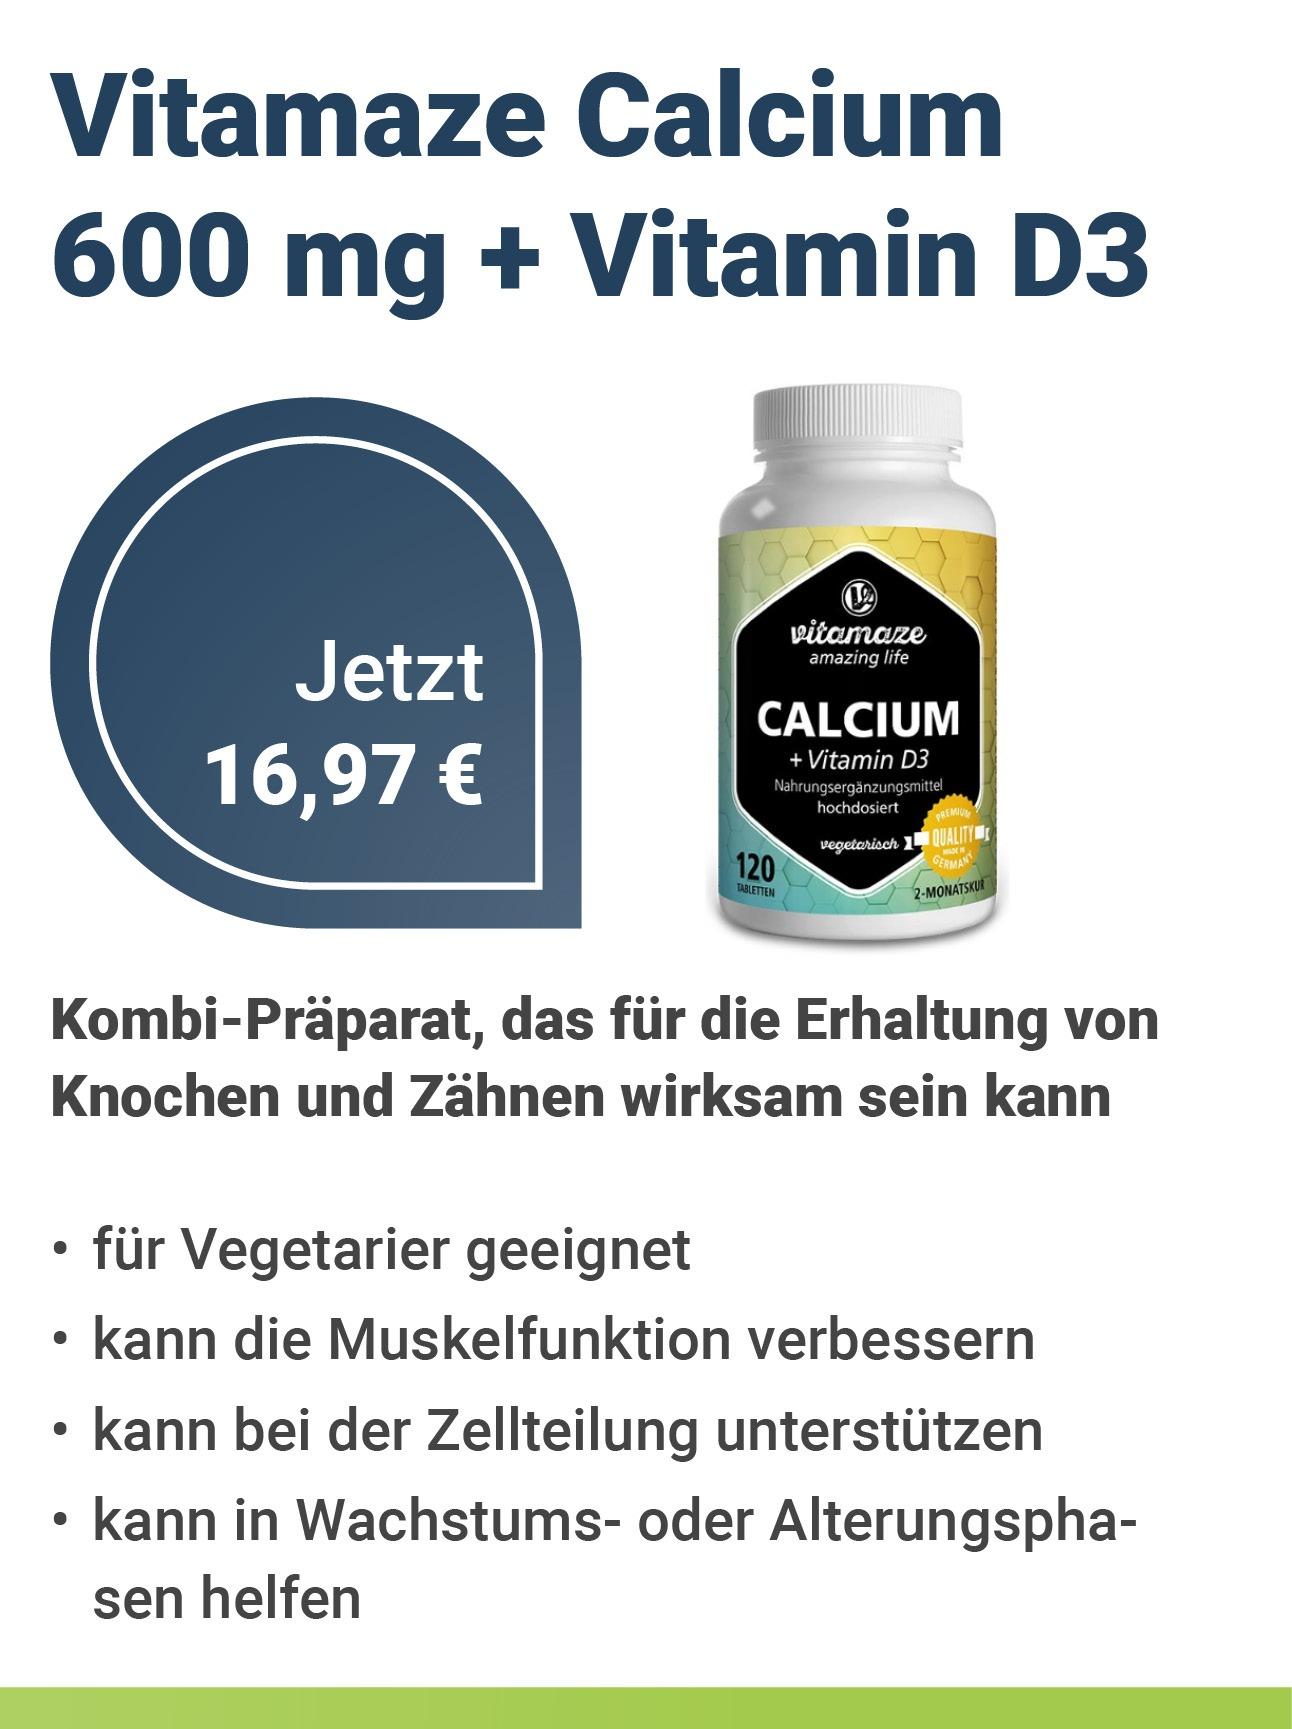 Vitamaze GmbH Calcium 600 mg + Vitamin D3